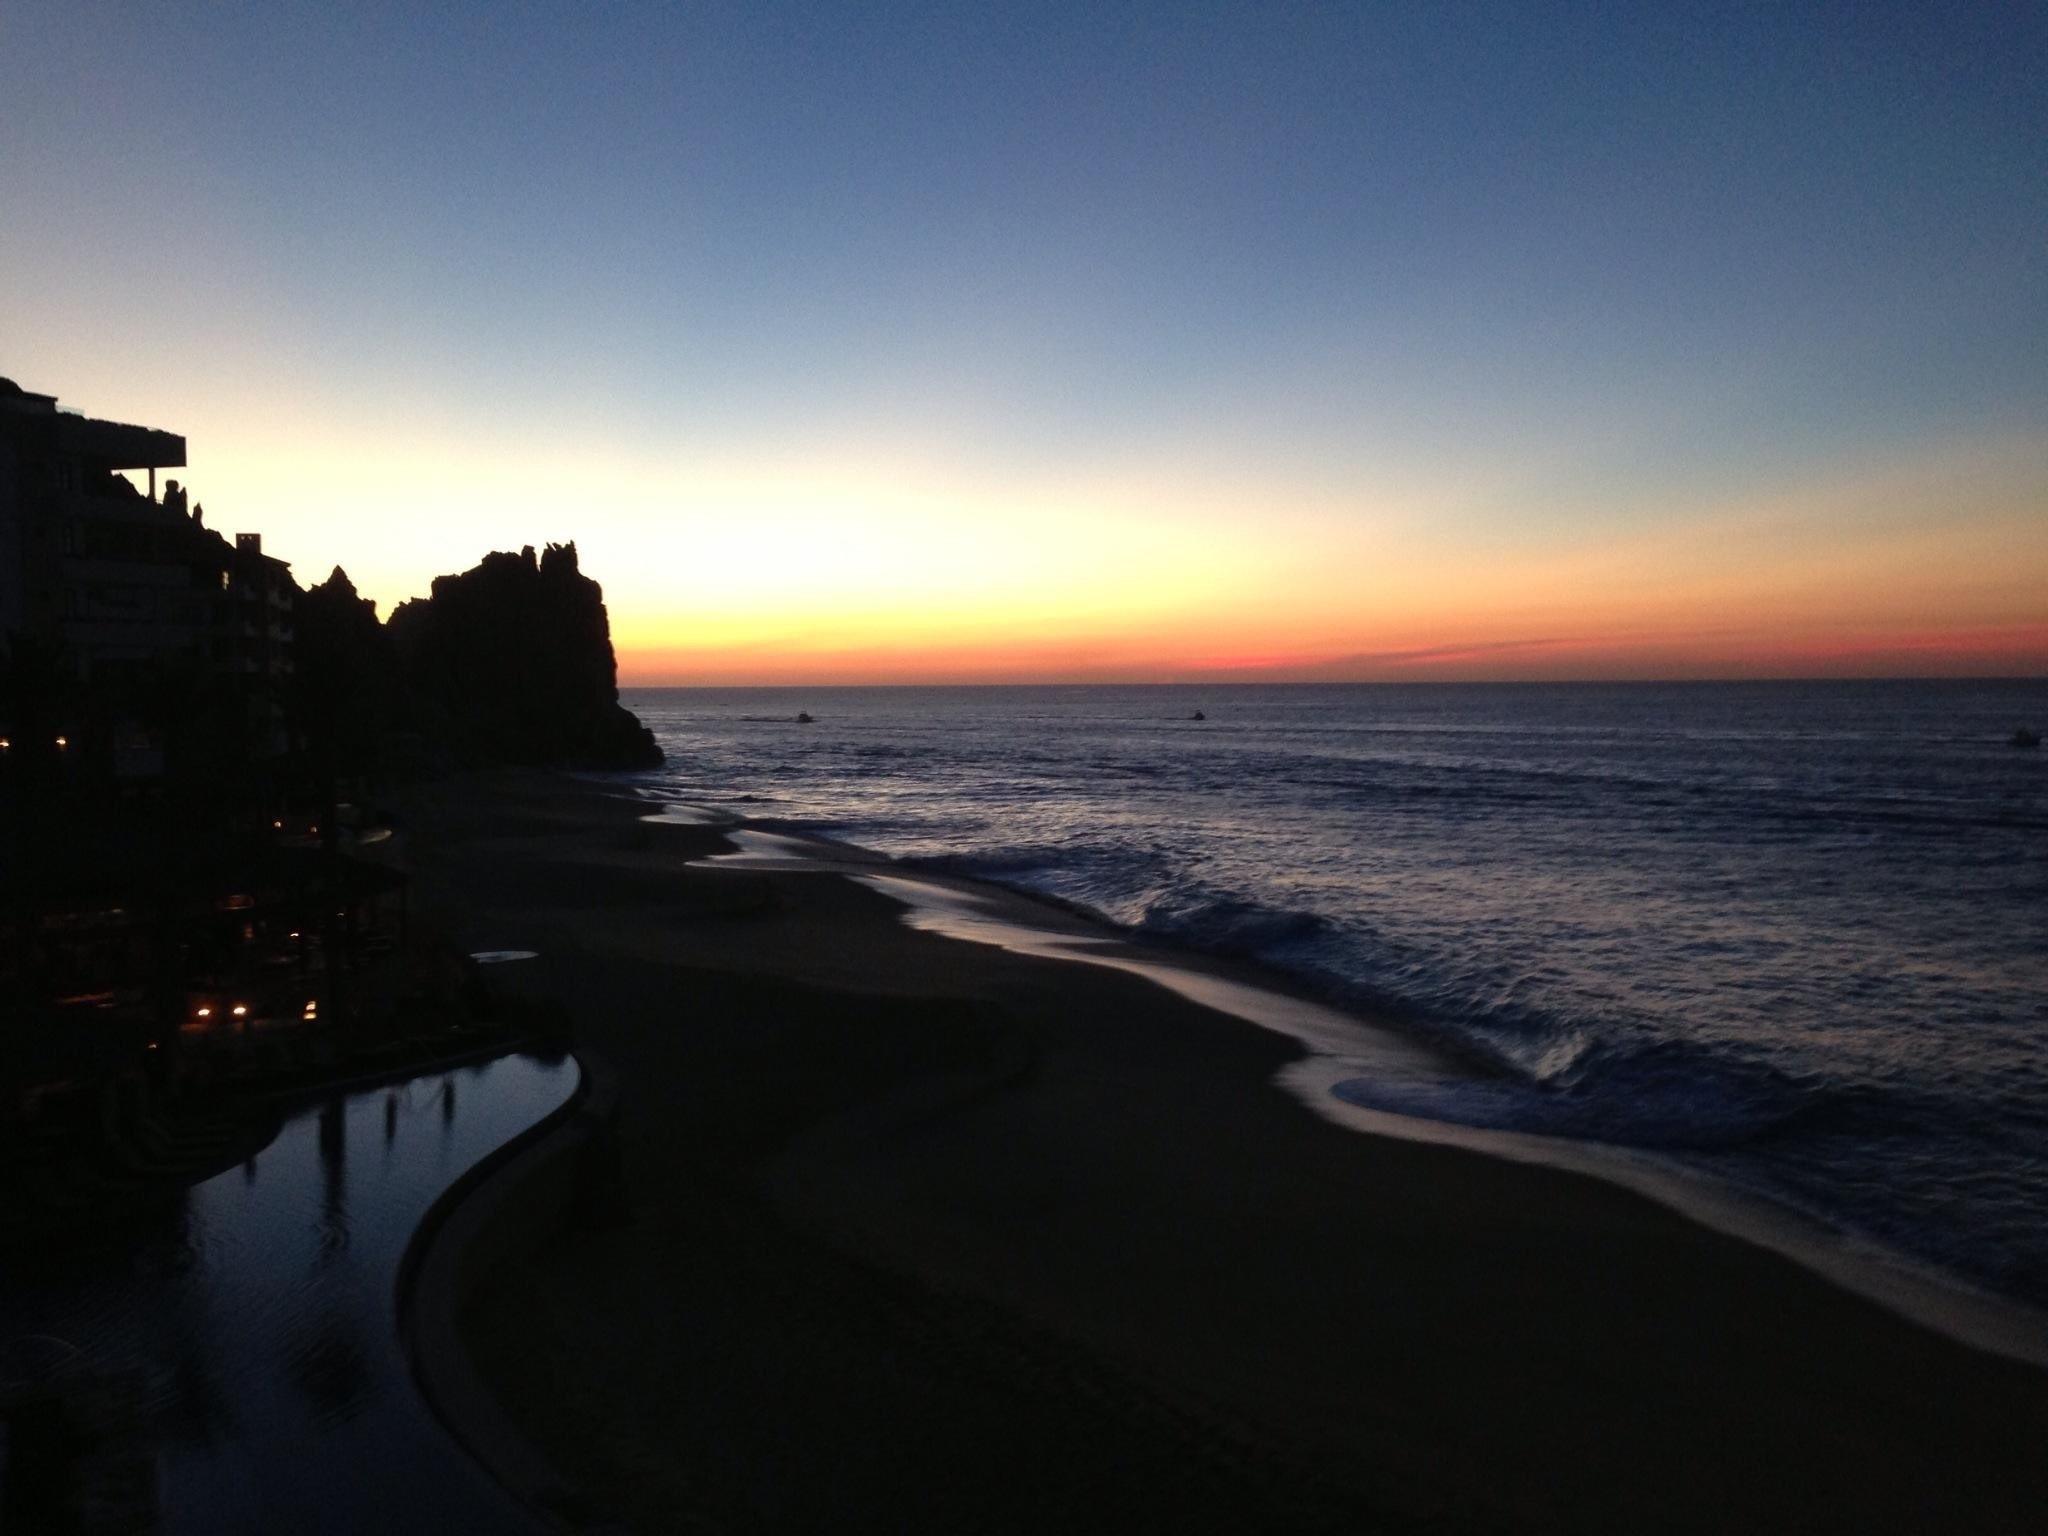 Grand Solmar Land's End Resort & Spa, Cabo San Lucas, Baja California Sur, Mexico